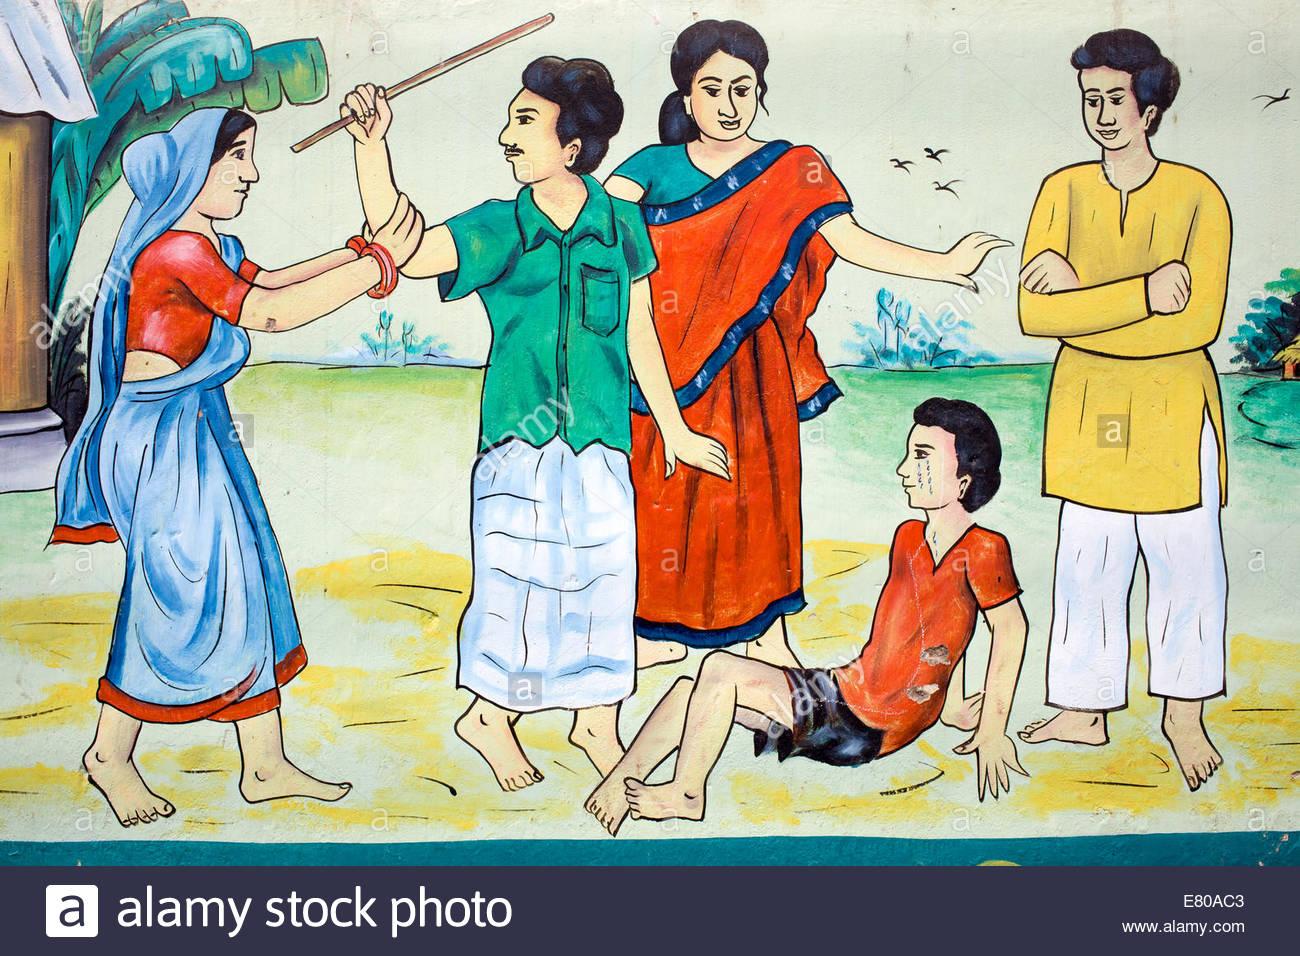 Kind Disziplin Bewusstsein Wandbild Stockbild